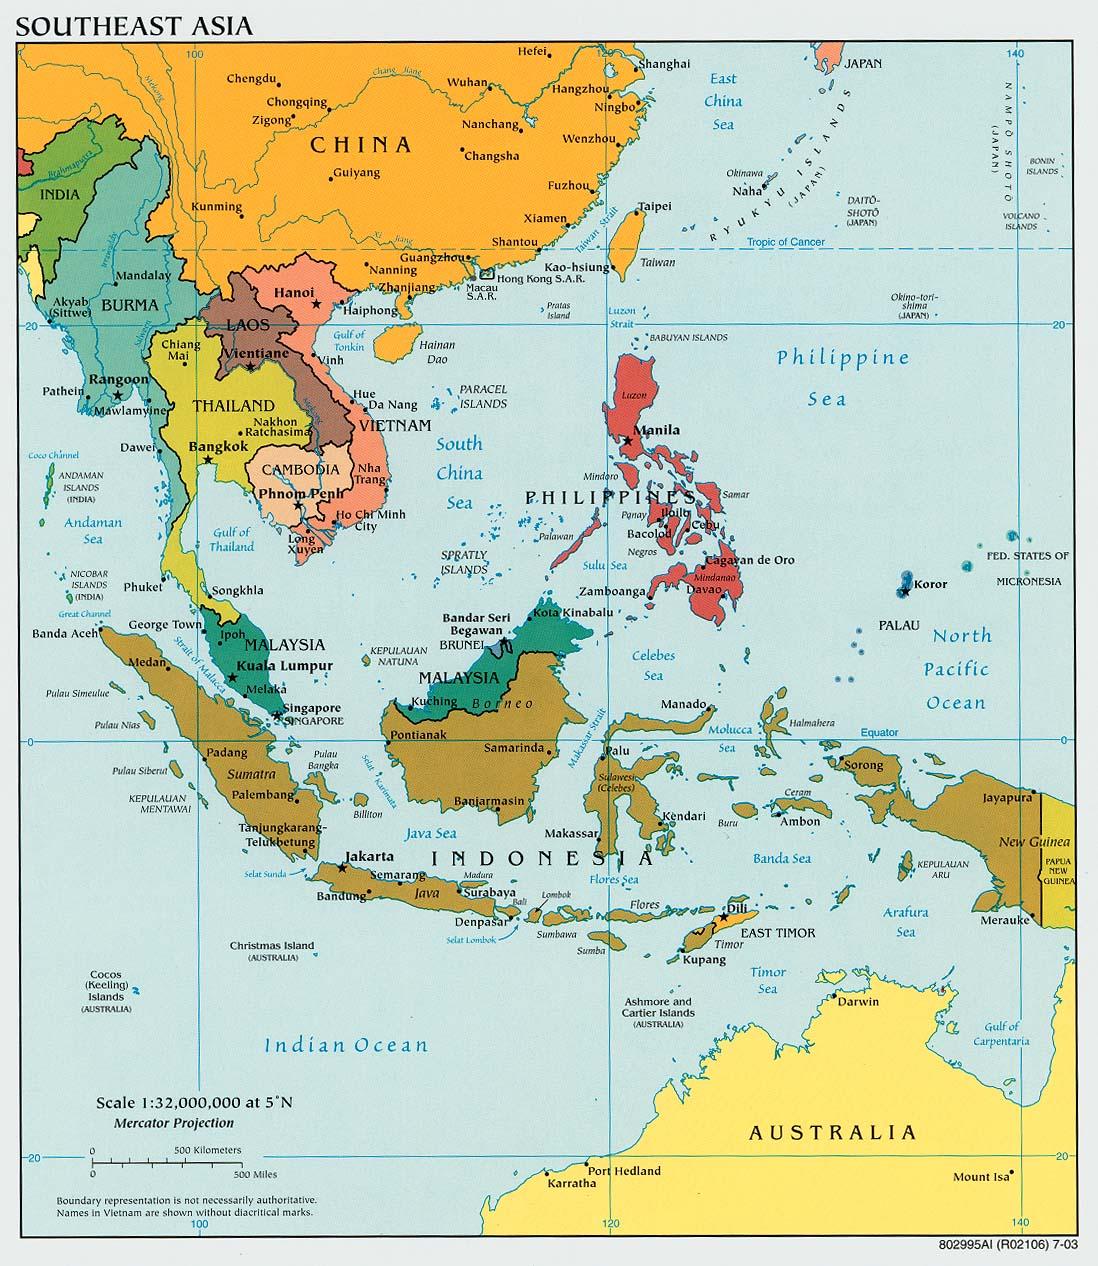 Mapa Politico del Sureste Asiático 2003